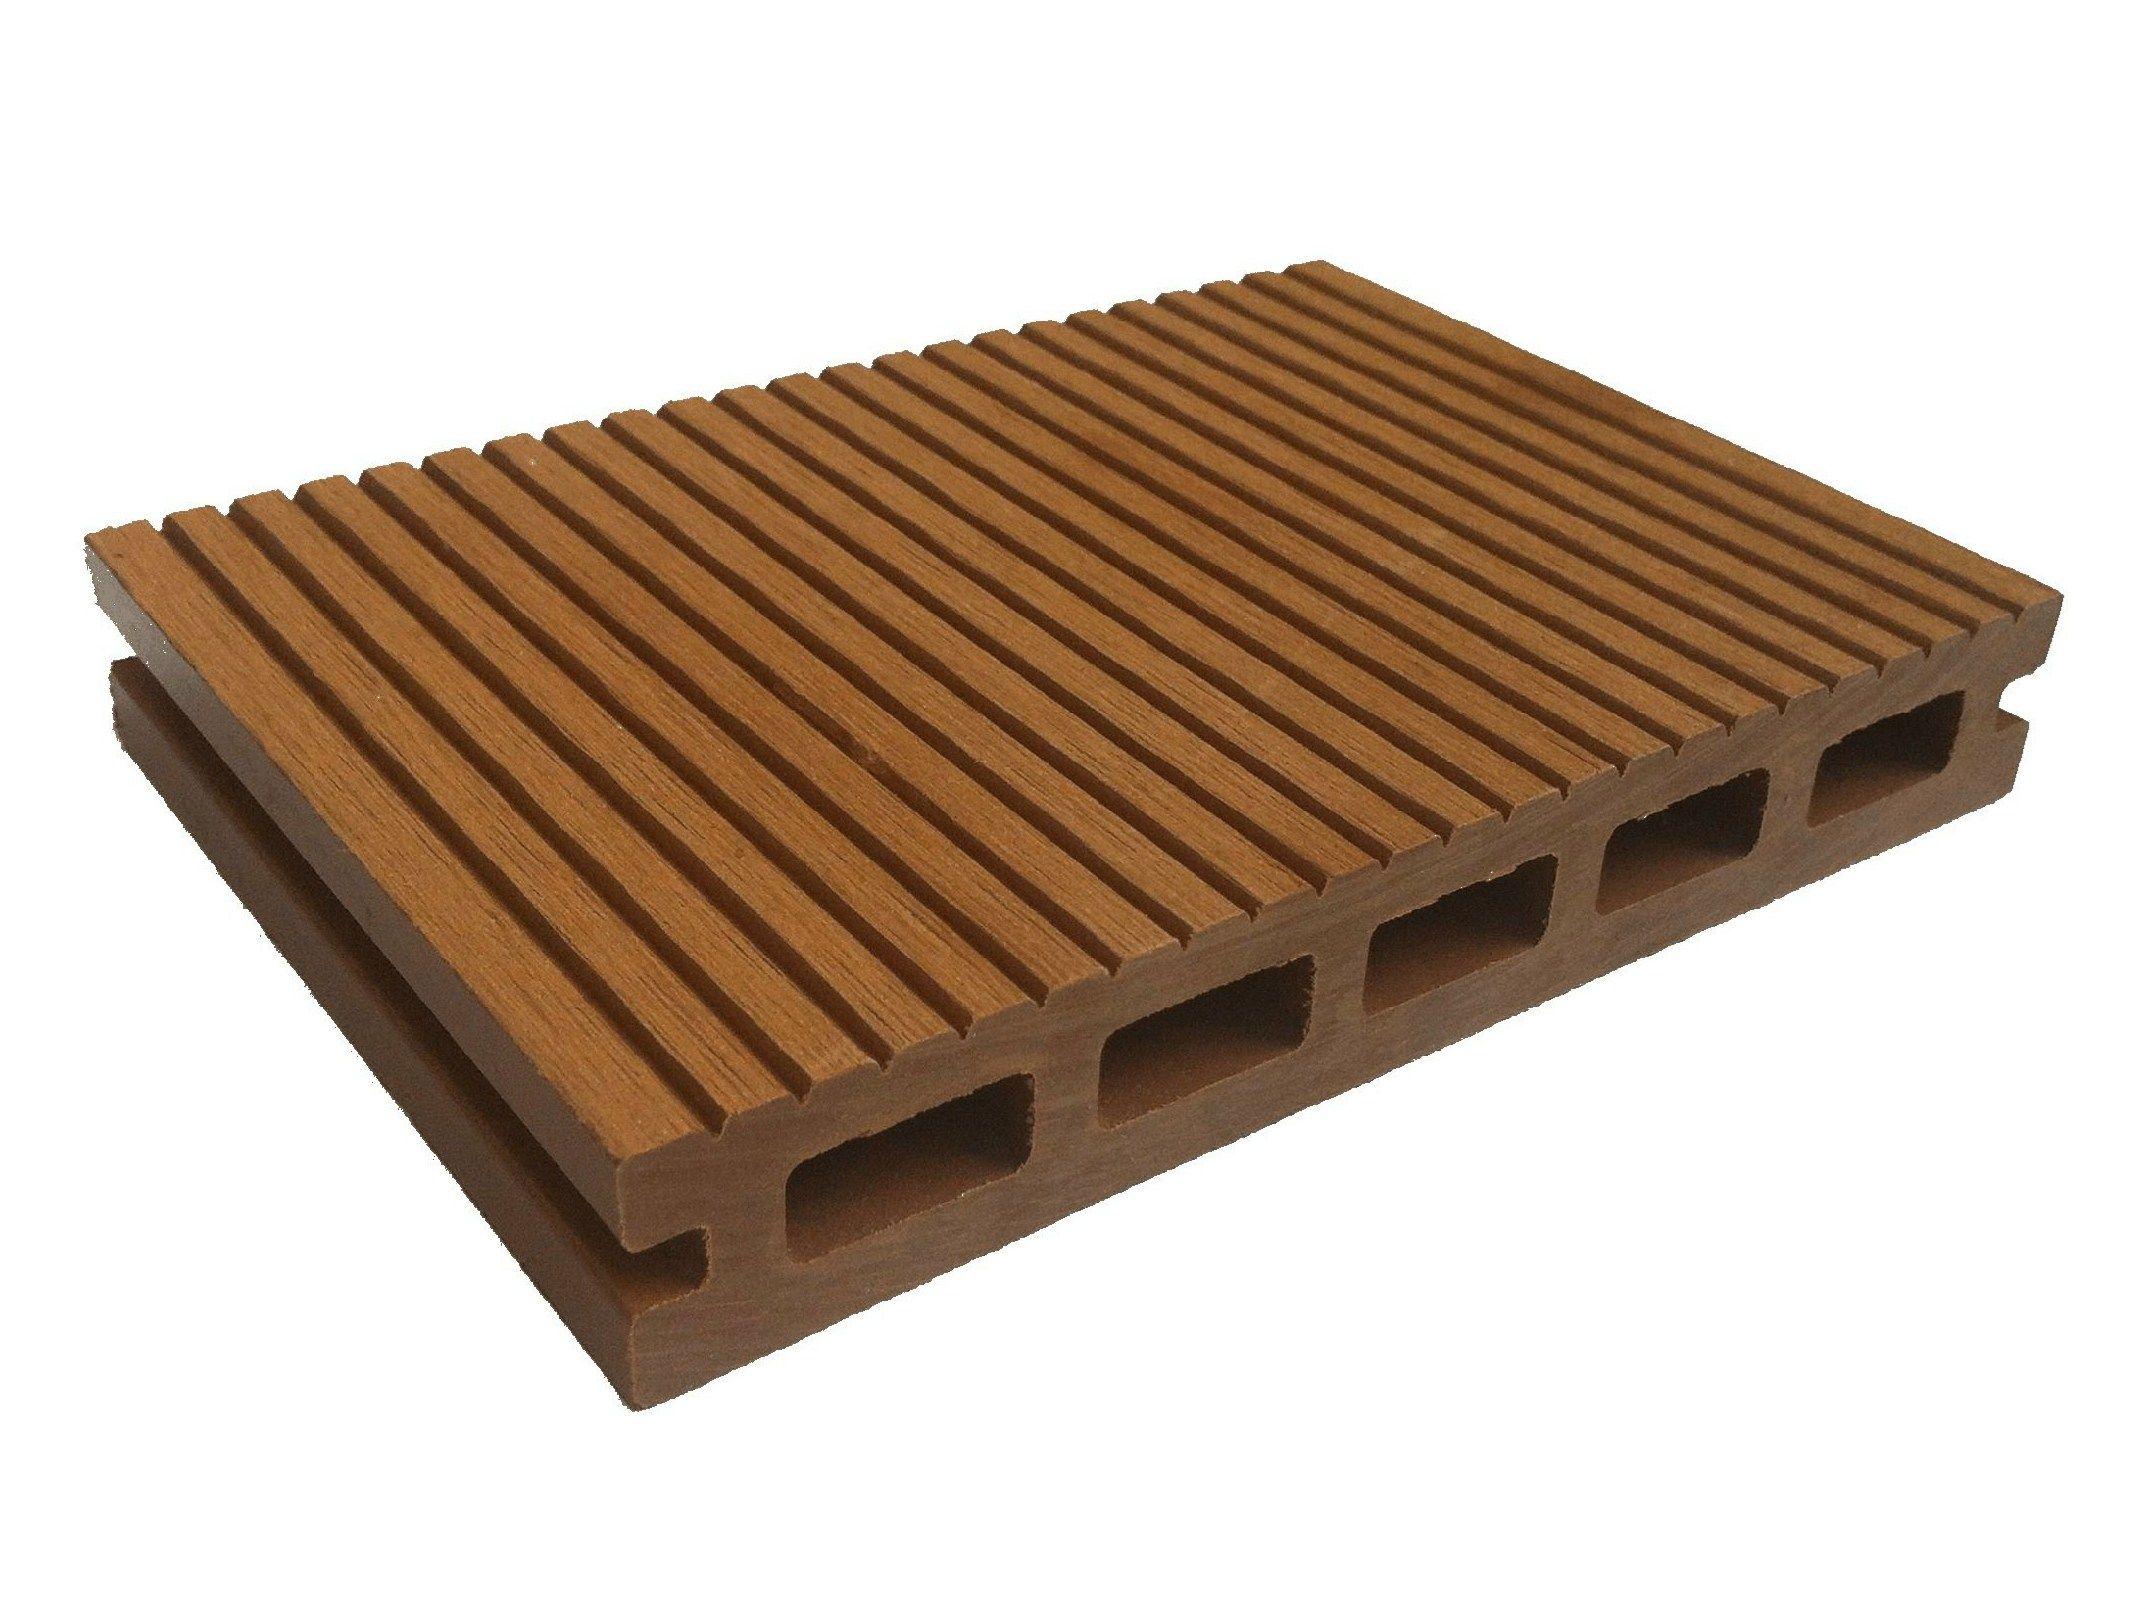 Pavimento per esterni / Decking in legno composito DOGA PROFILO ALVEOLARE 2200 WOOD by NOVOWOOD